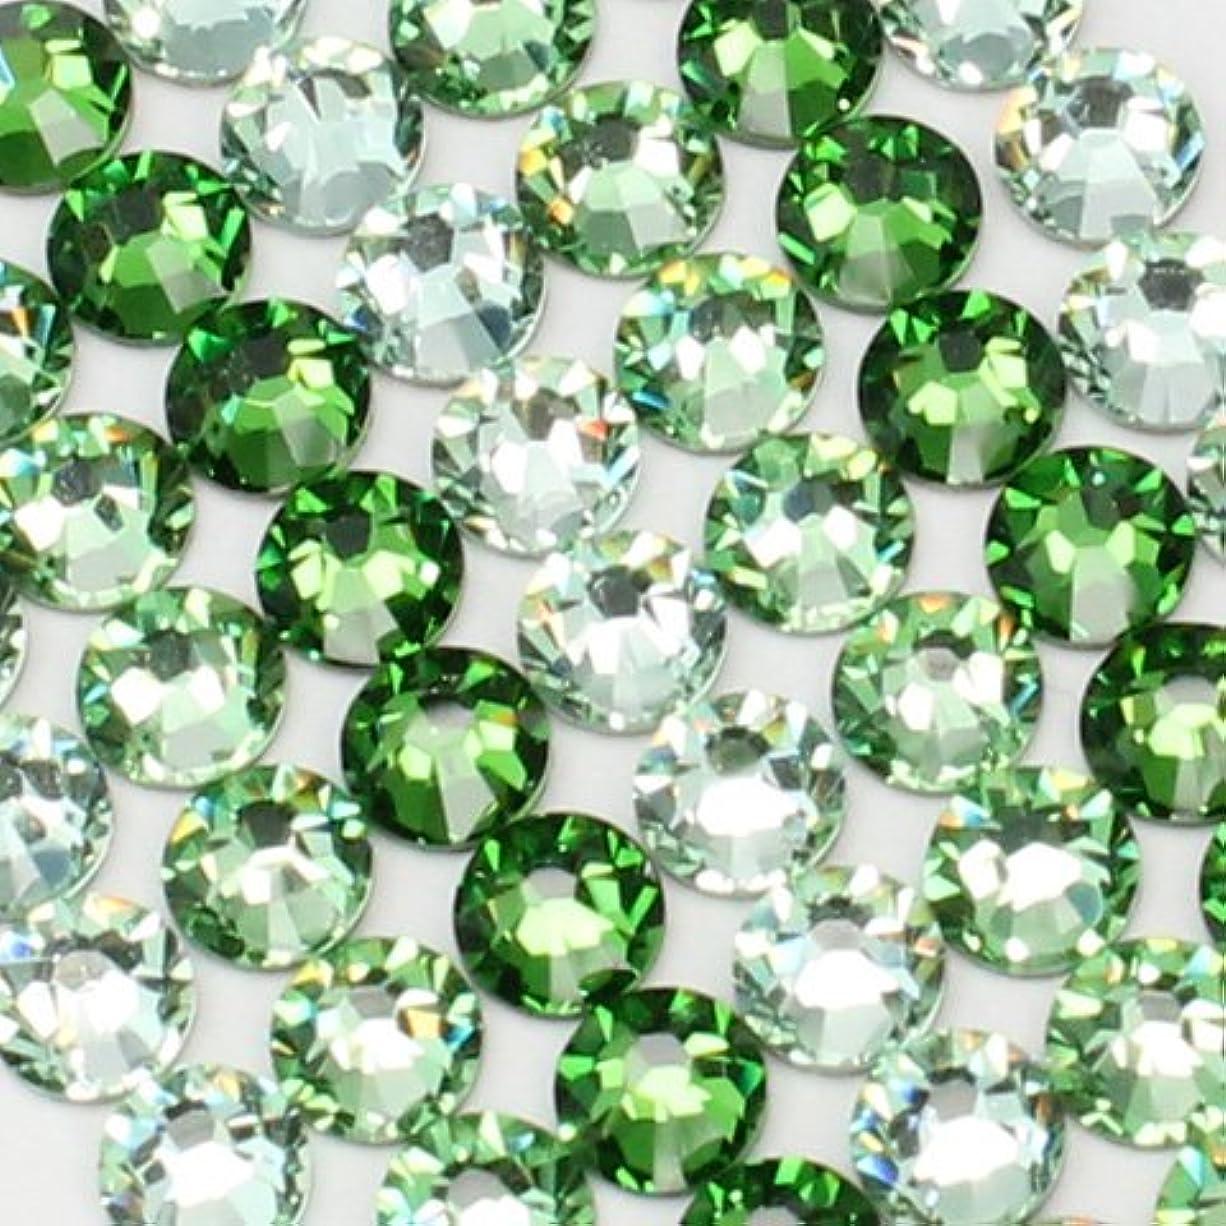 苦しめるジェームズダイソン王族お試しアートMIX[グリーン]クリソライト、ペリドット、ファーングリーン/スワロフスキー(Swarovski)/ラインストーン ss12(各30粒)